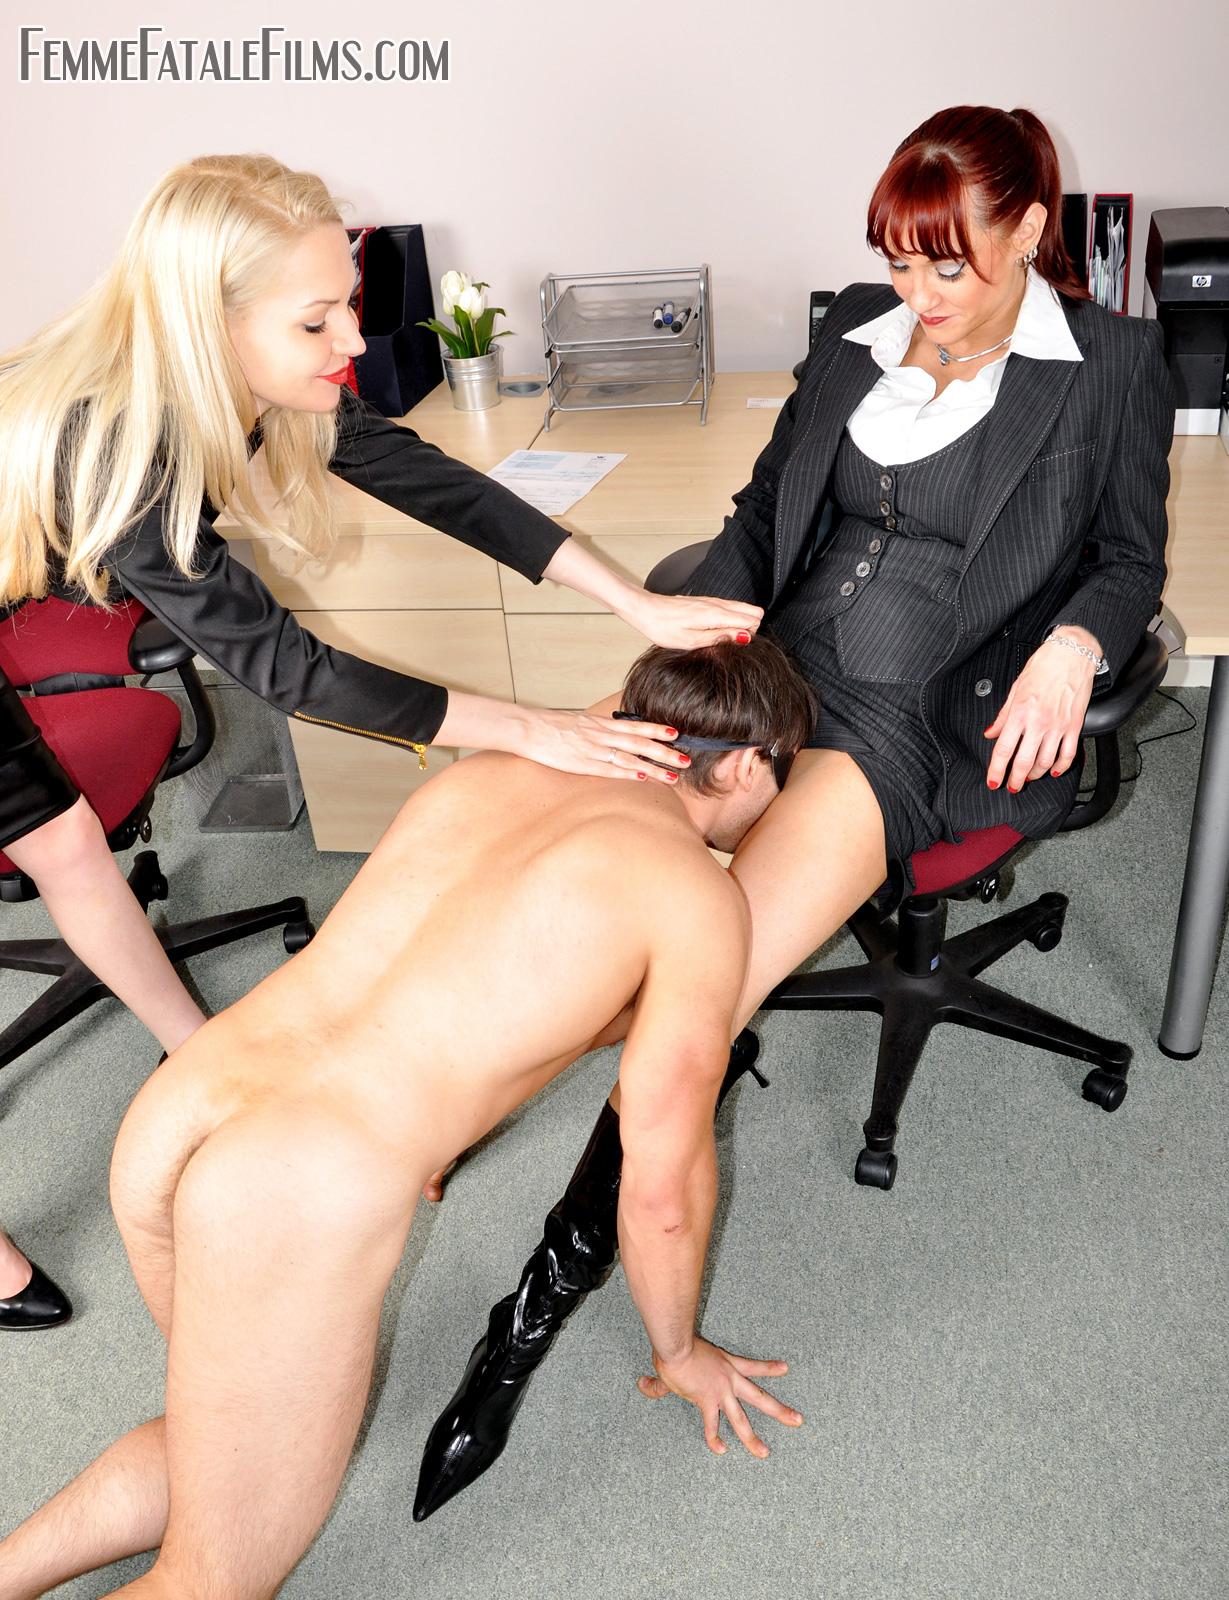 Порно В Офисе Доменирование